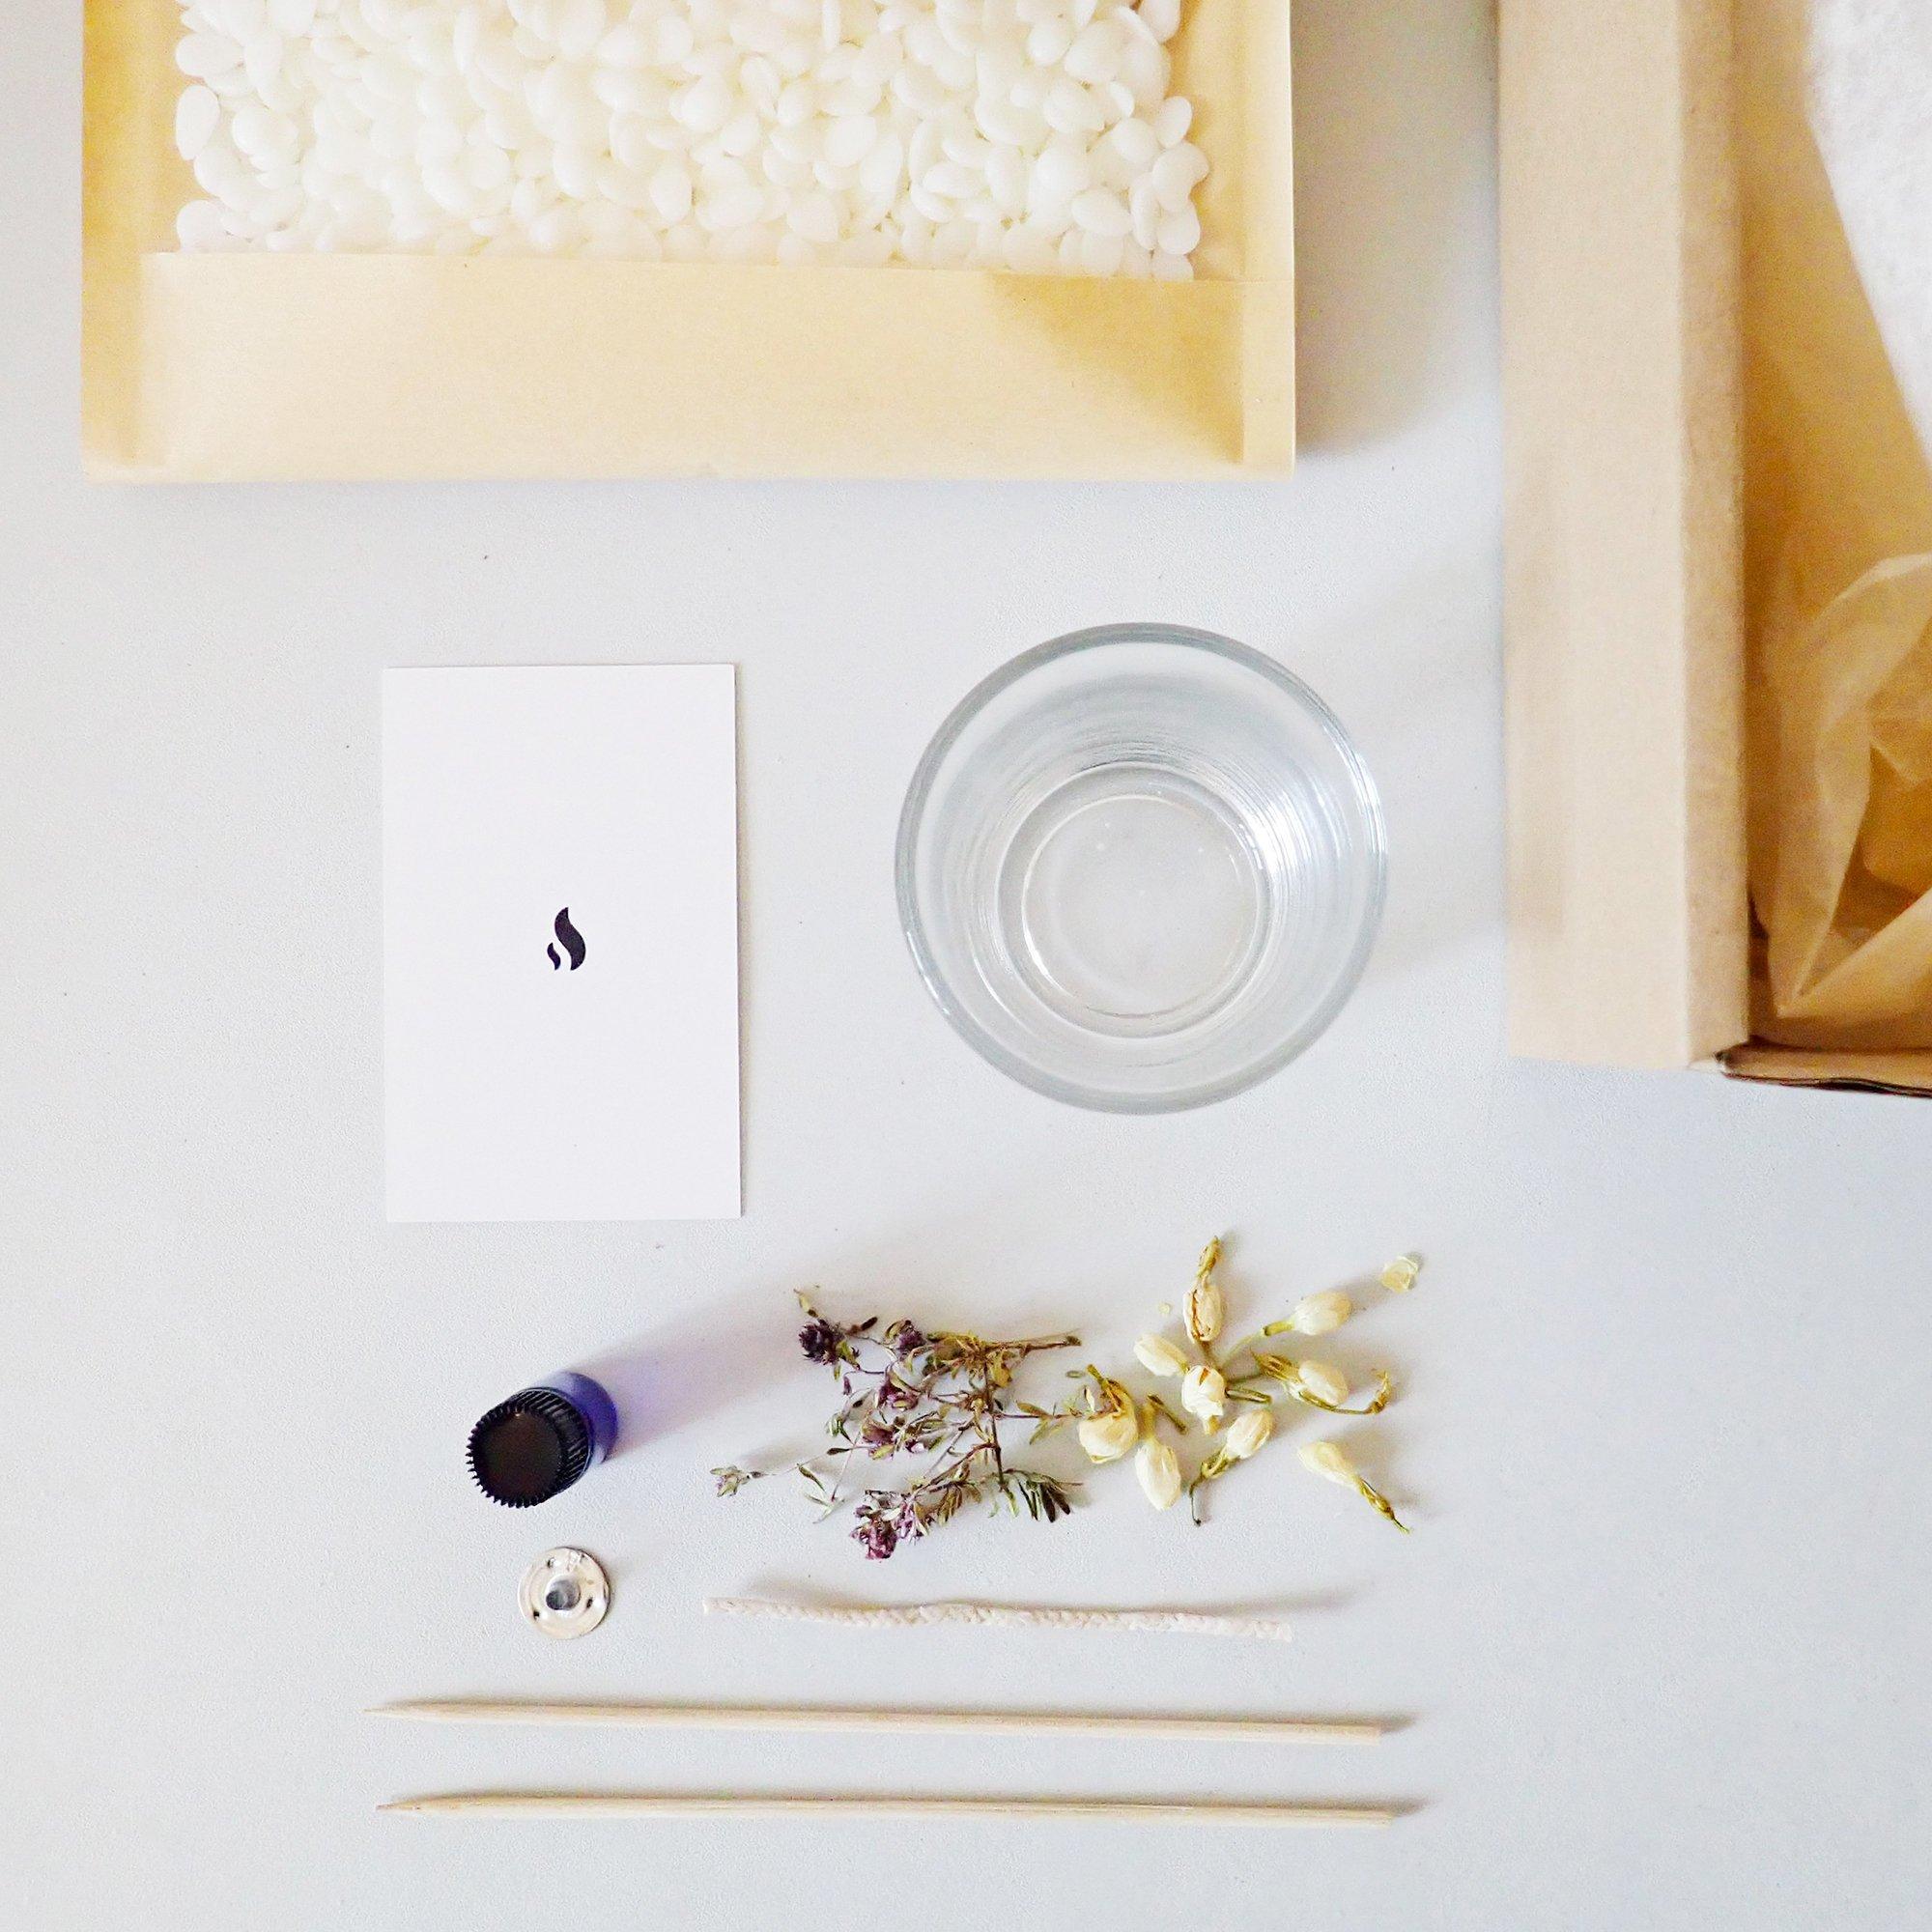 PONOIE Kit de création de bougie vegan lavande et bois de hô